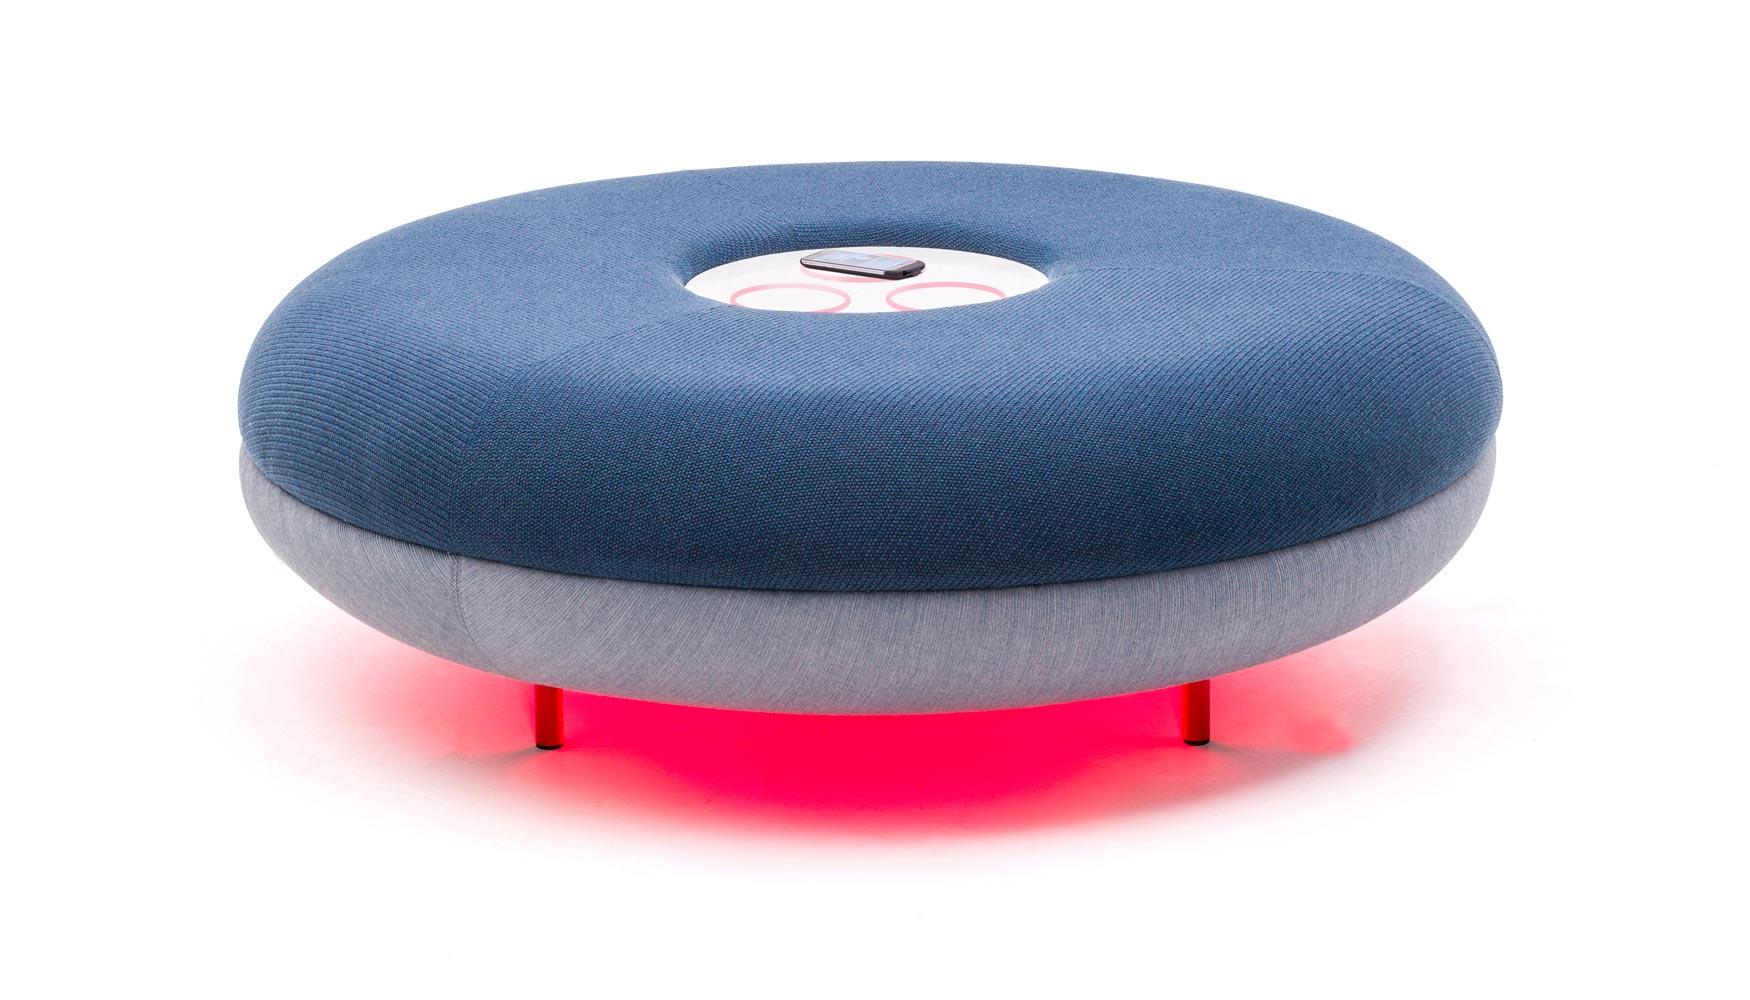 ZENS presenta su asiento \'Recharged\': comodidad, diseño y tecnología ...